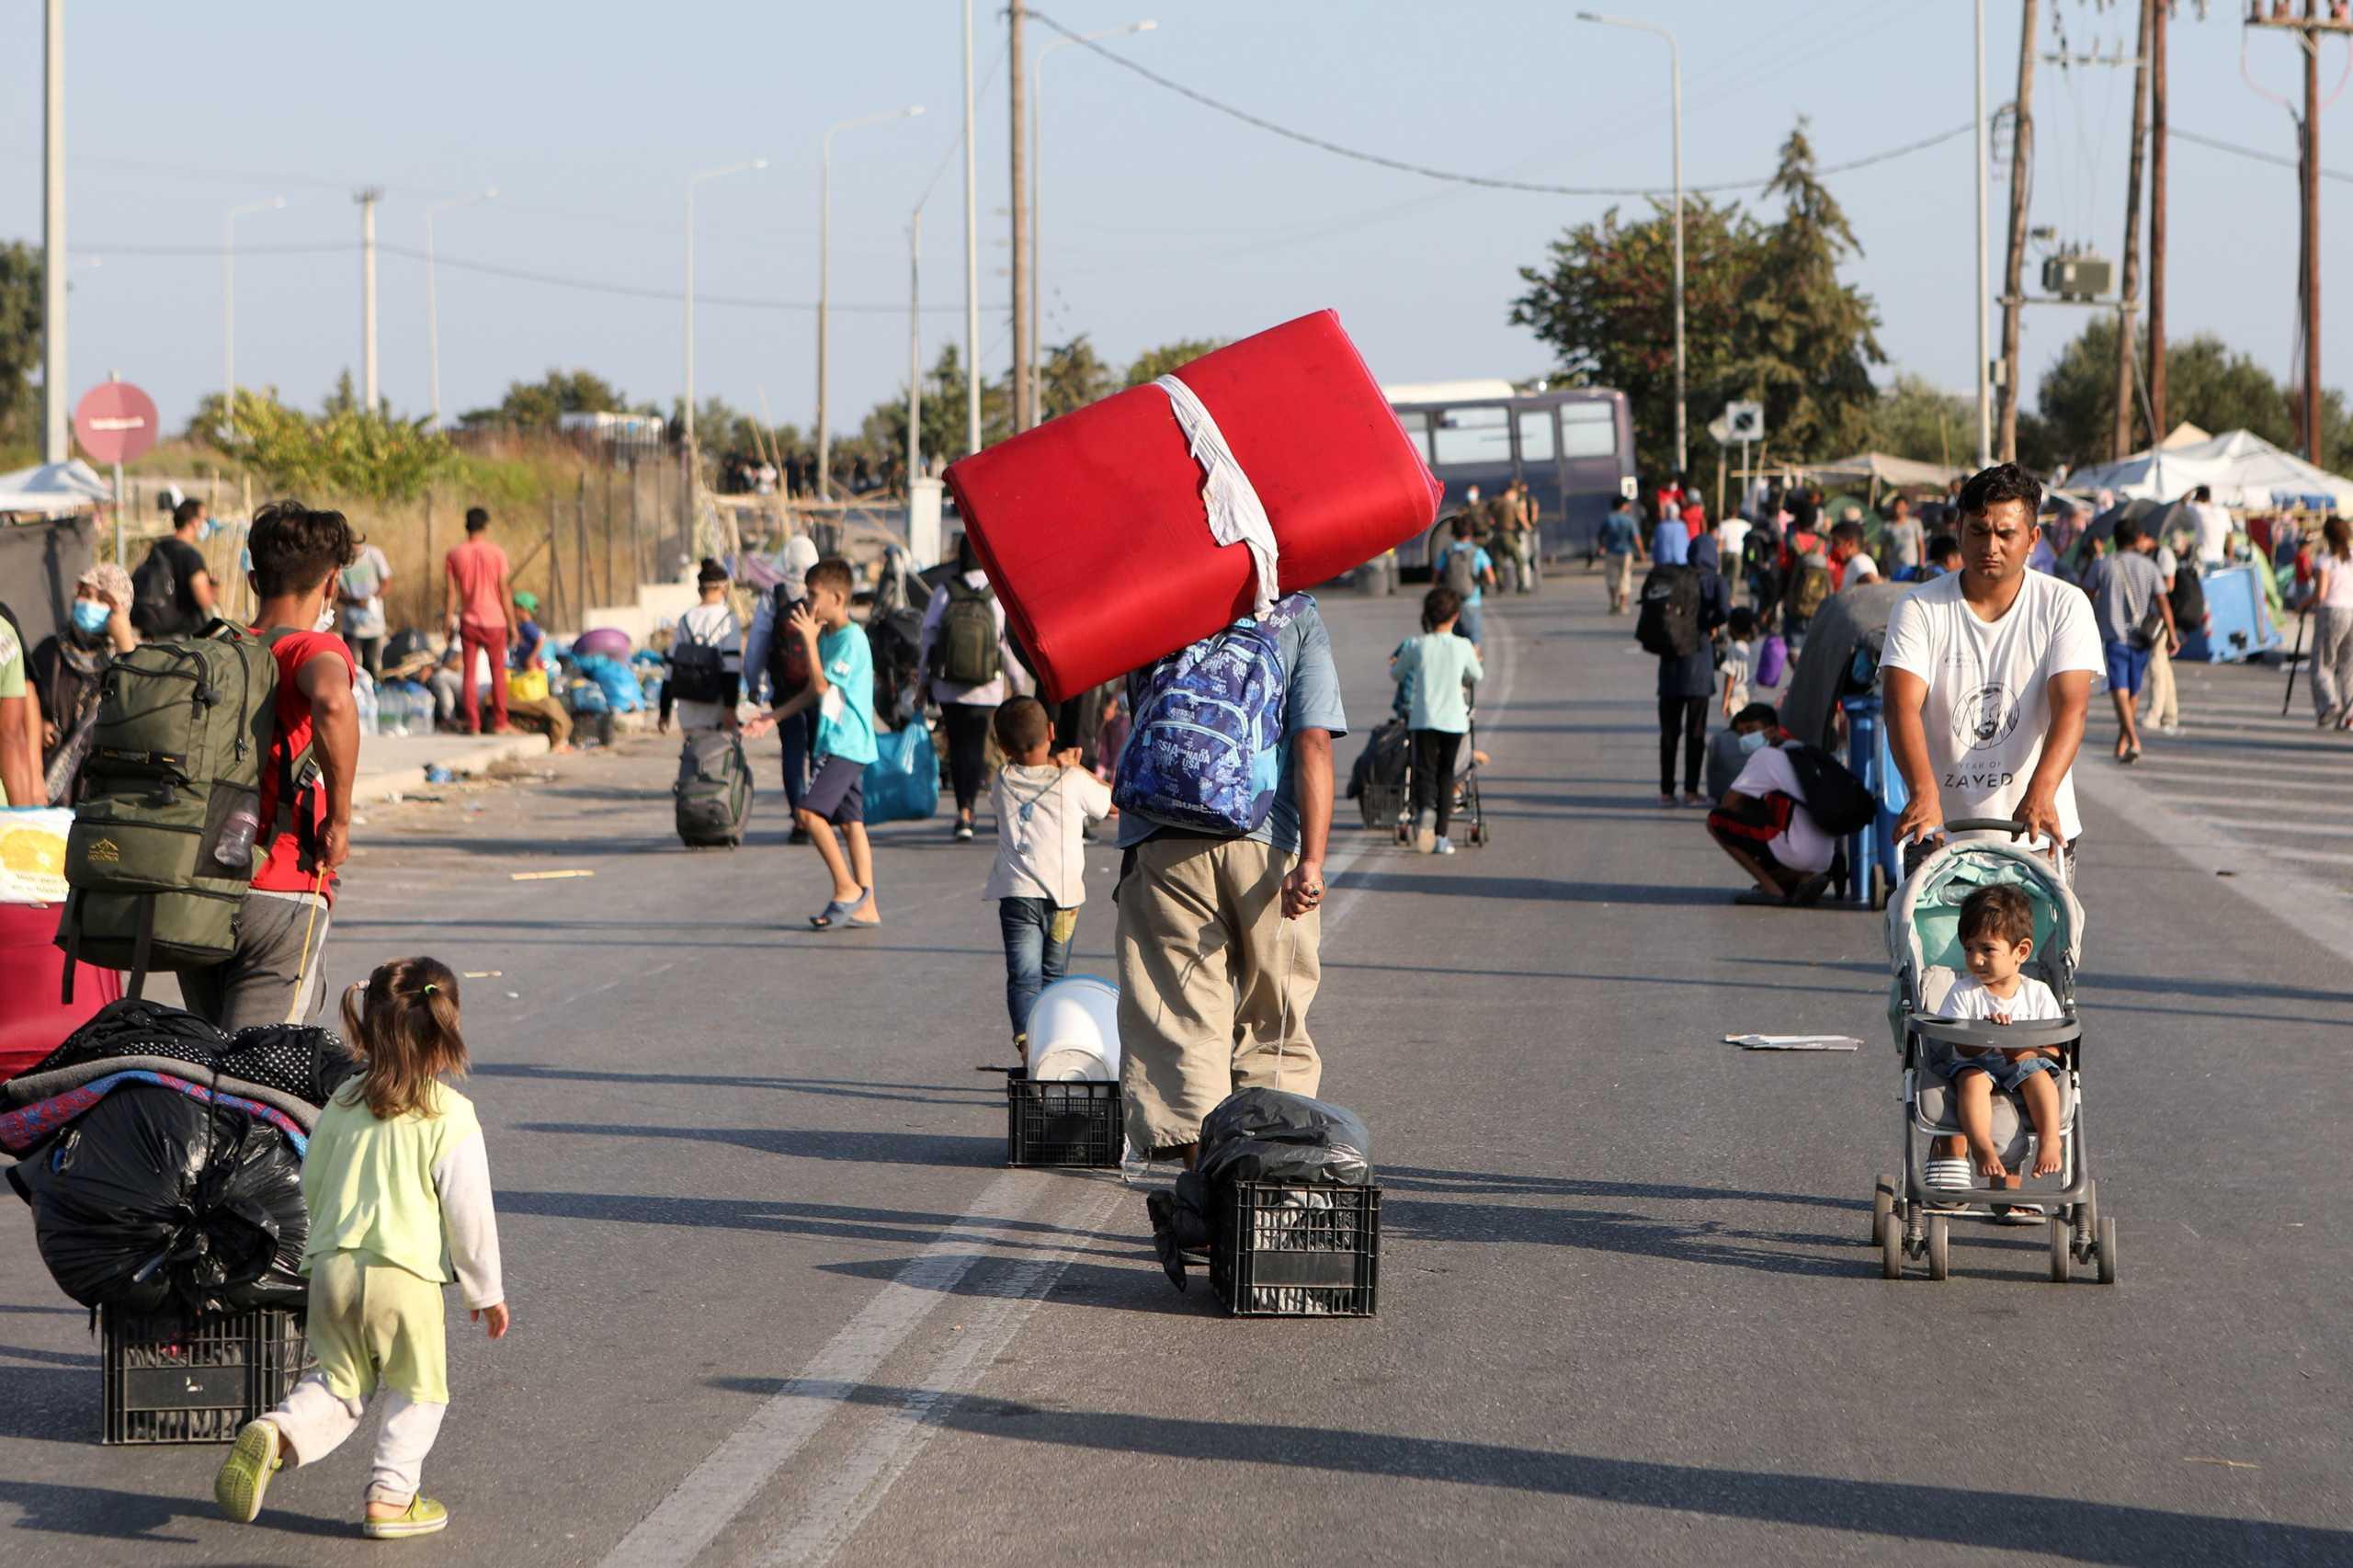 Υπουργείο Μετανάστευσης: Έκτακτη χρηματοδότηση 6,28 εκατ. ευρώ στα νησιά του Ανατολικού Αιγαίου